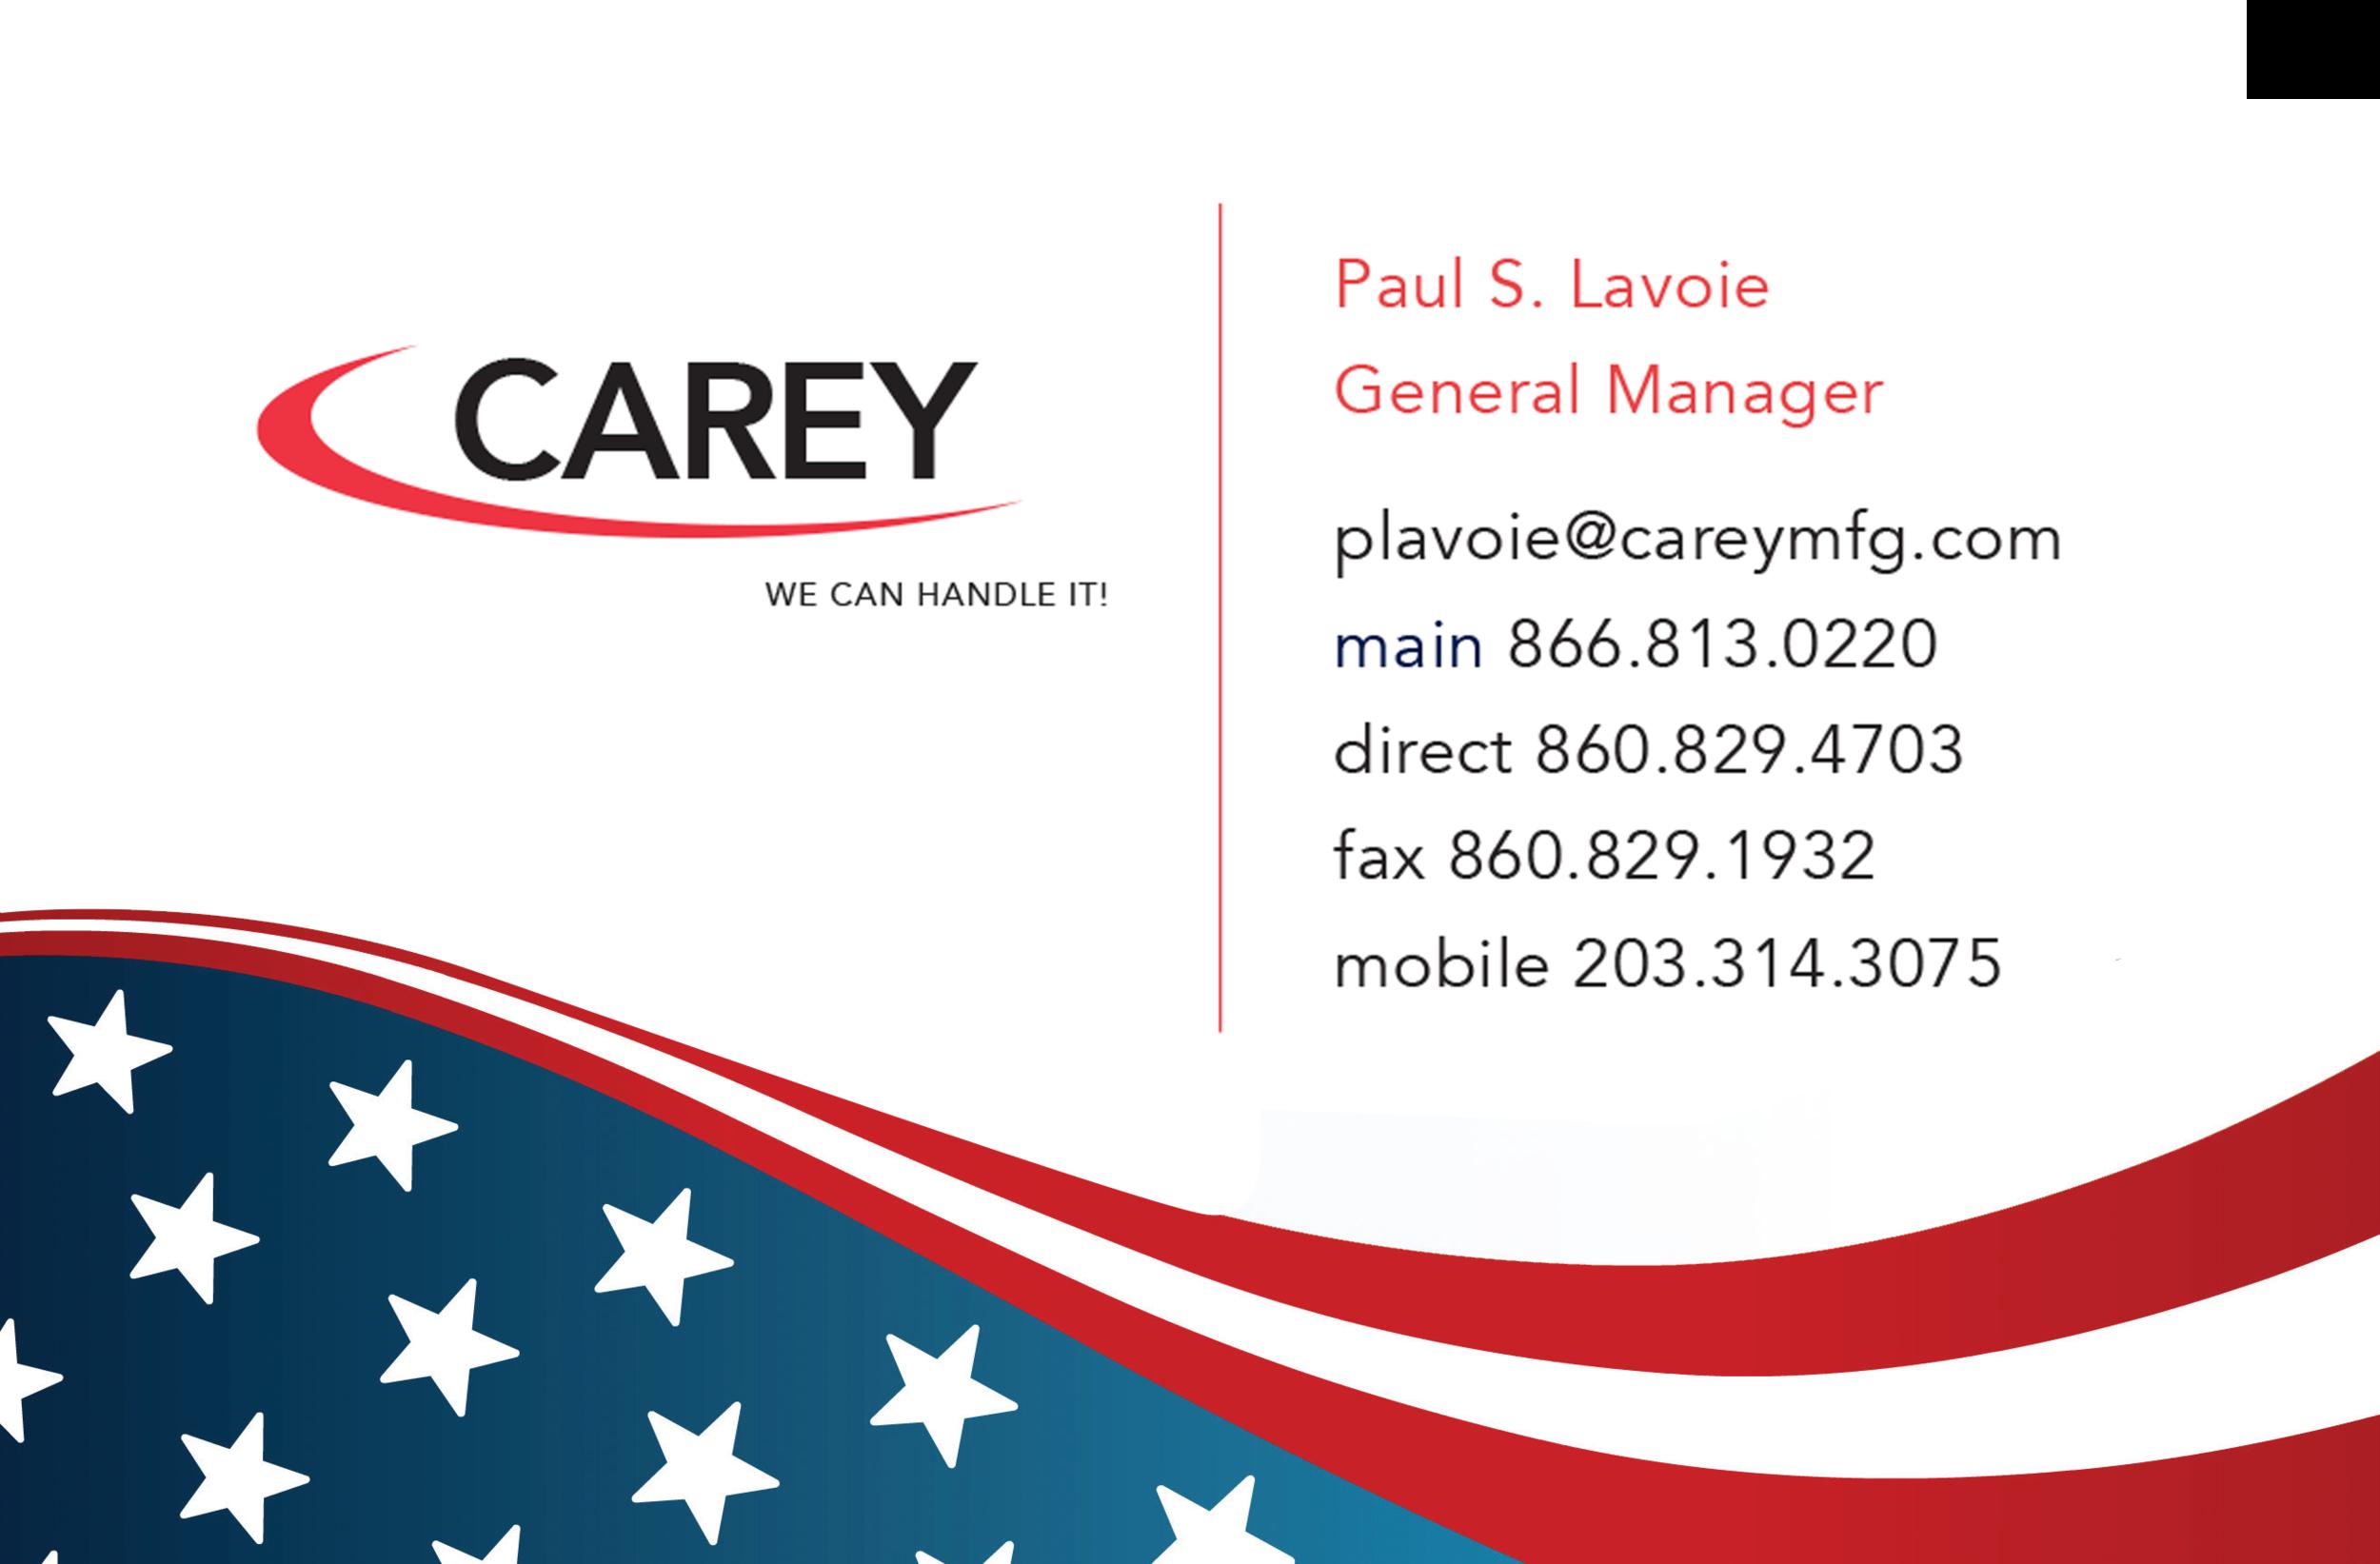 carey-bz-card.png